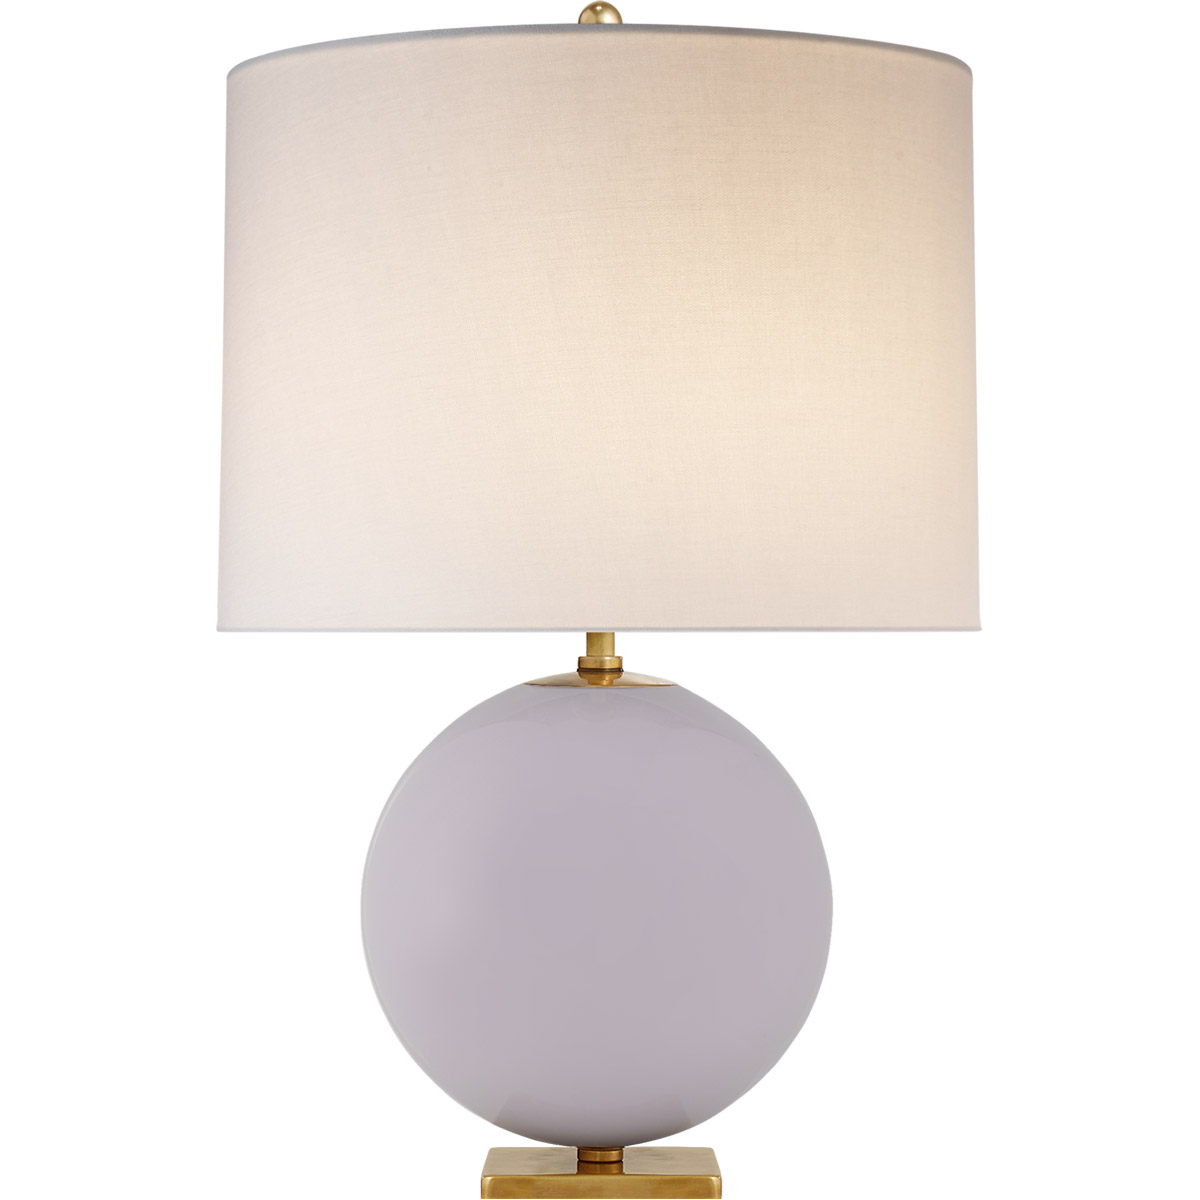 Elsie Table Lamp